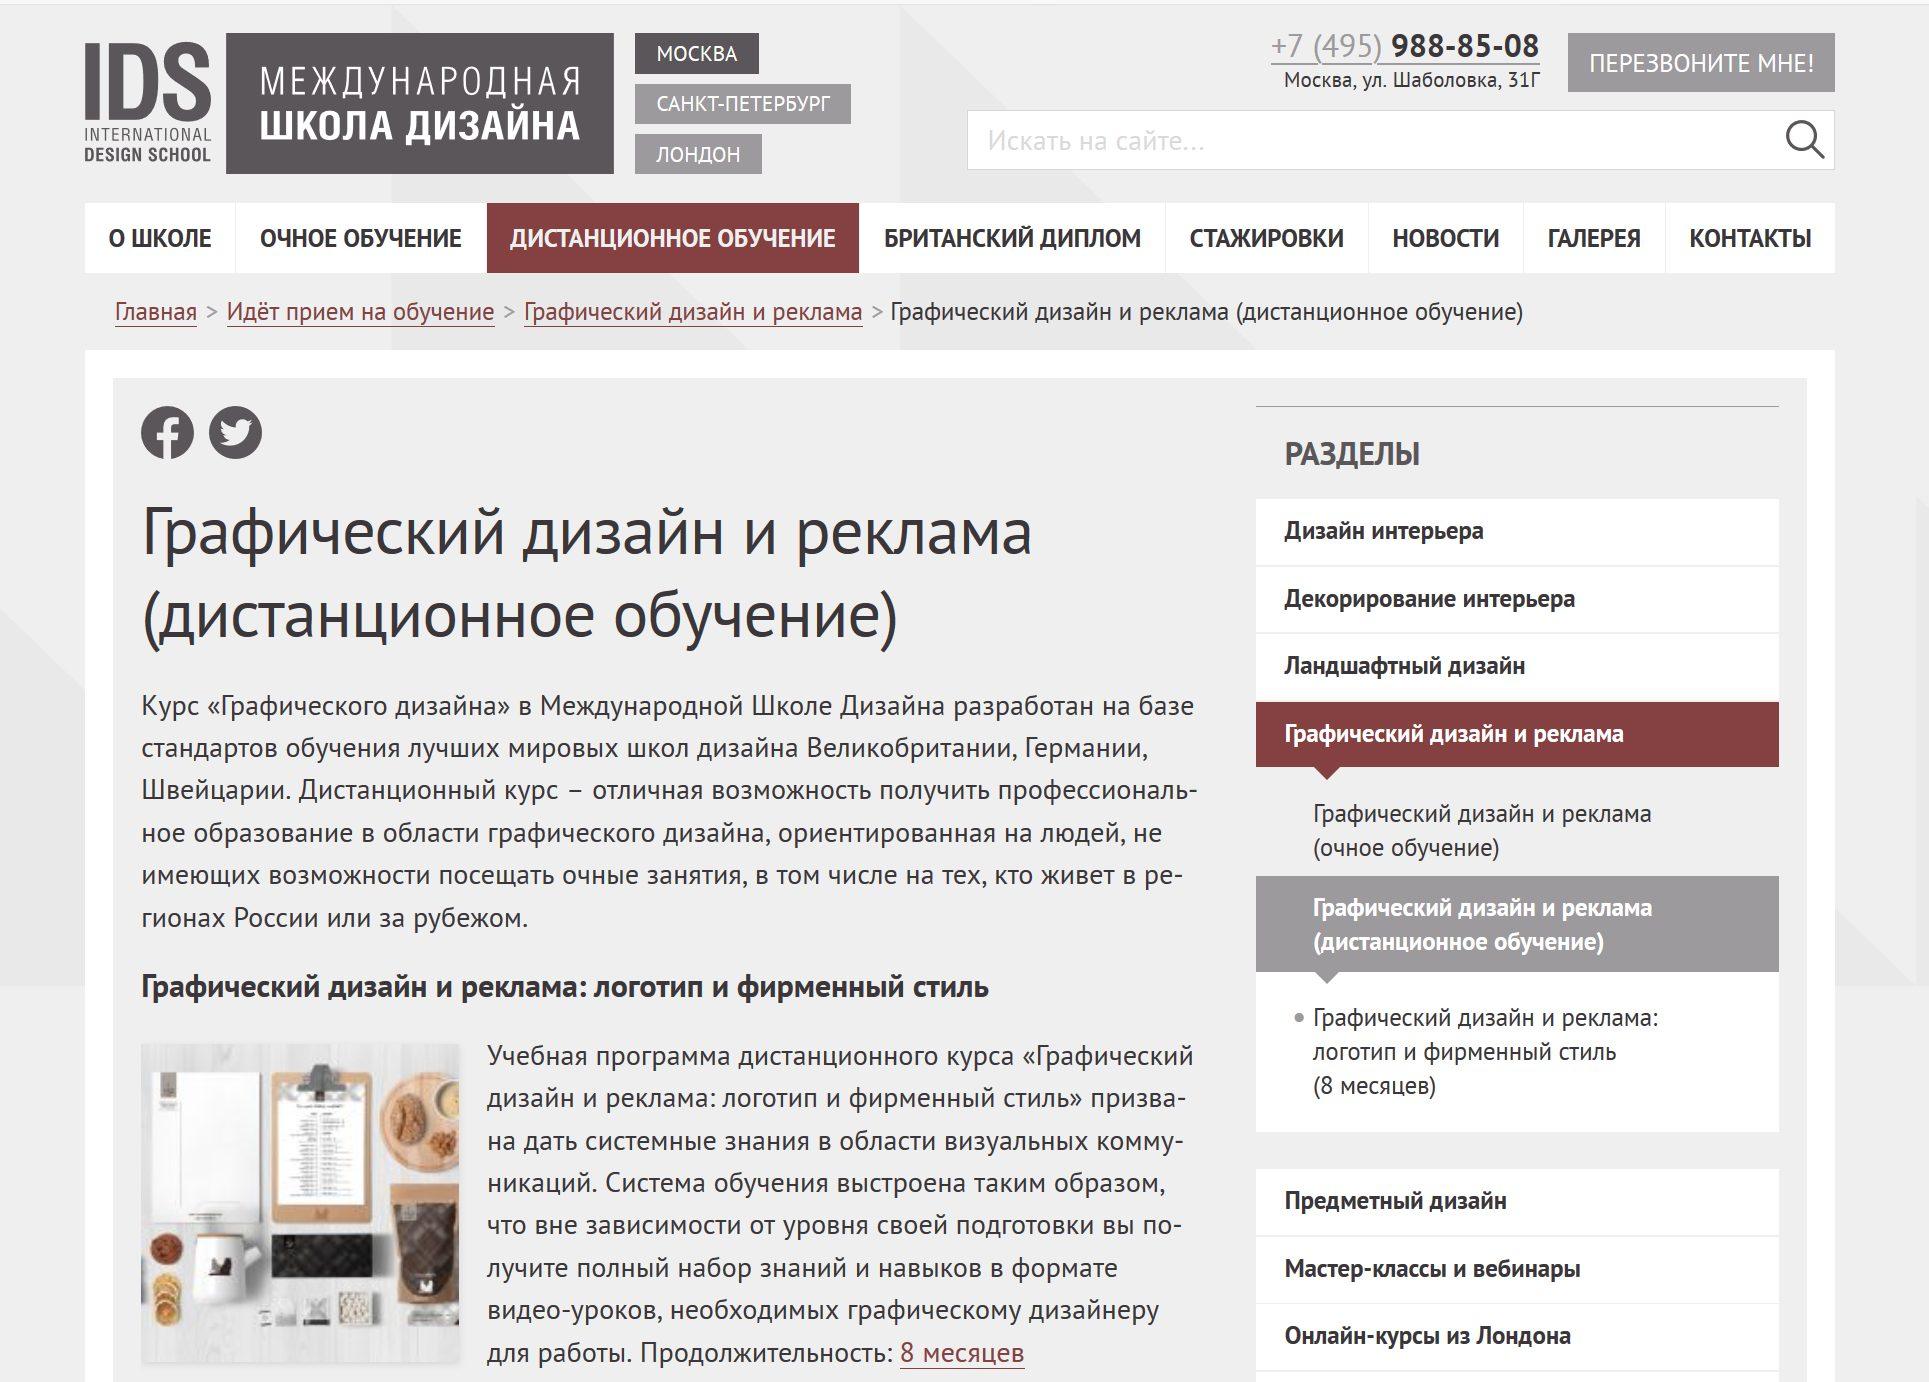 Графический дизайн и реклама (дистанционное обучение) Международная Школа Дизайна